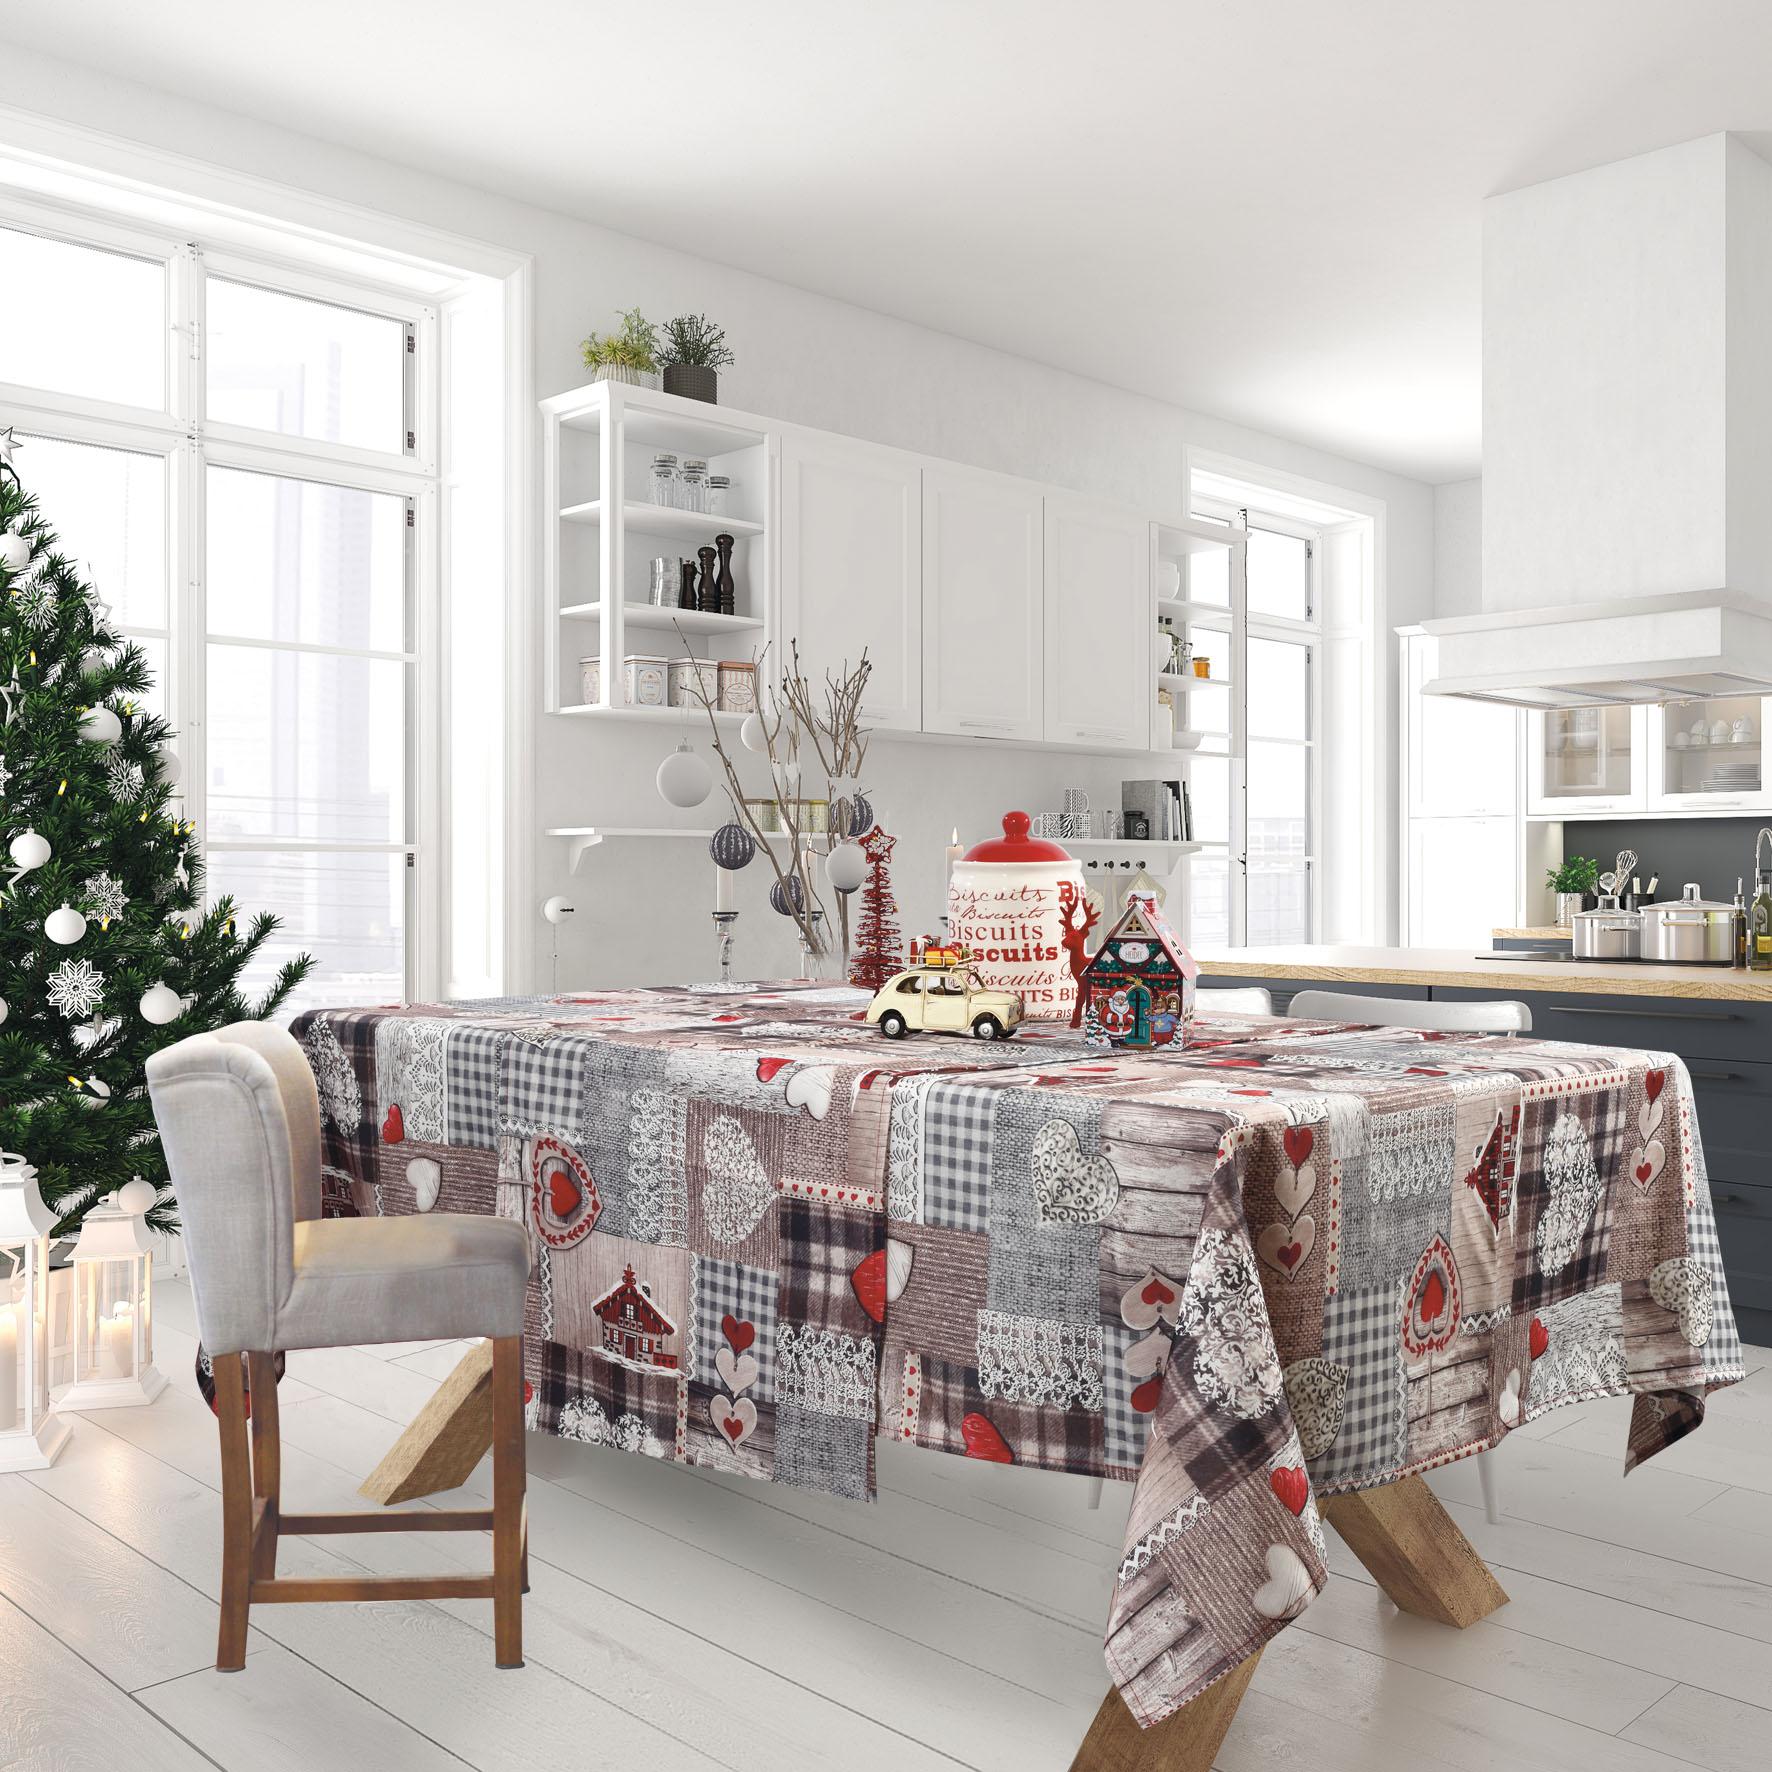 Runner CHRISTMAS KITCHEN LINE 0571 (50X140), DAS HOME εποχιακα ειδη   χριστουγεννιάτικη συλλογή   ράνερ   σουπλά χριστουγεννιάτικα